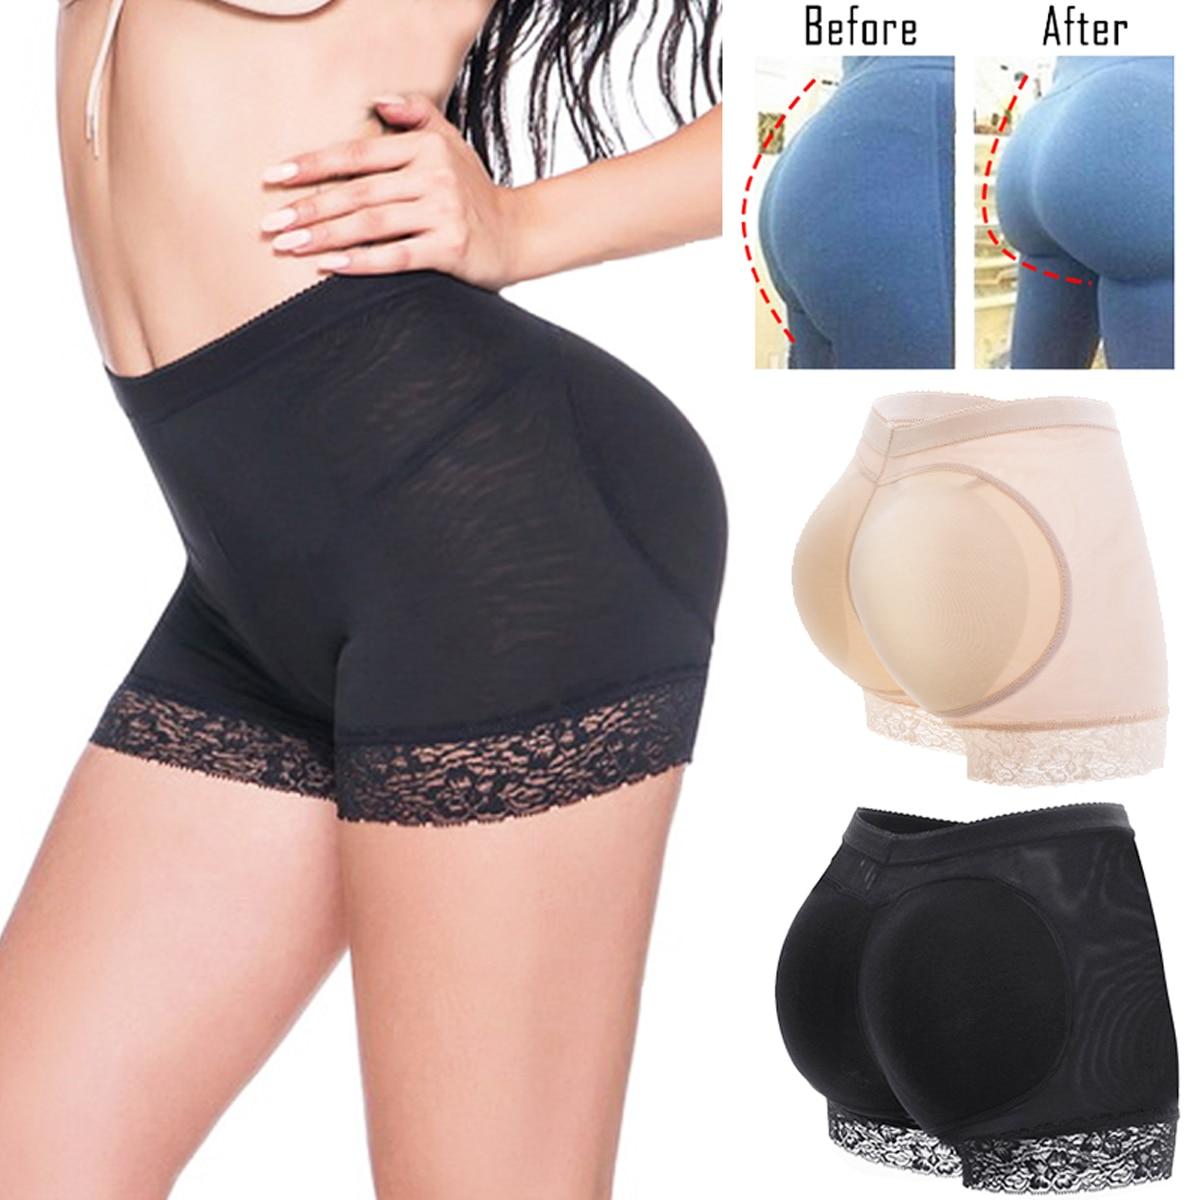 Women Padded Seamless Butt Lift Hip Up Enhancer Shaper Panties Underwear Shorts